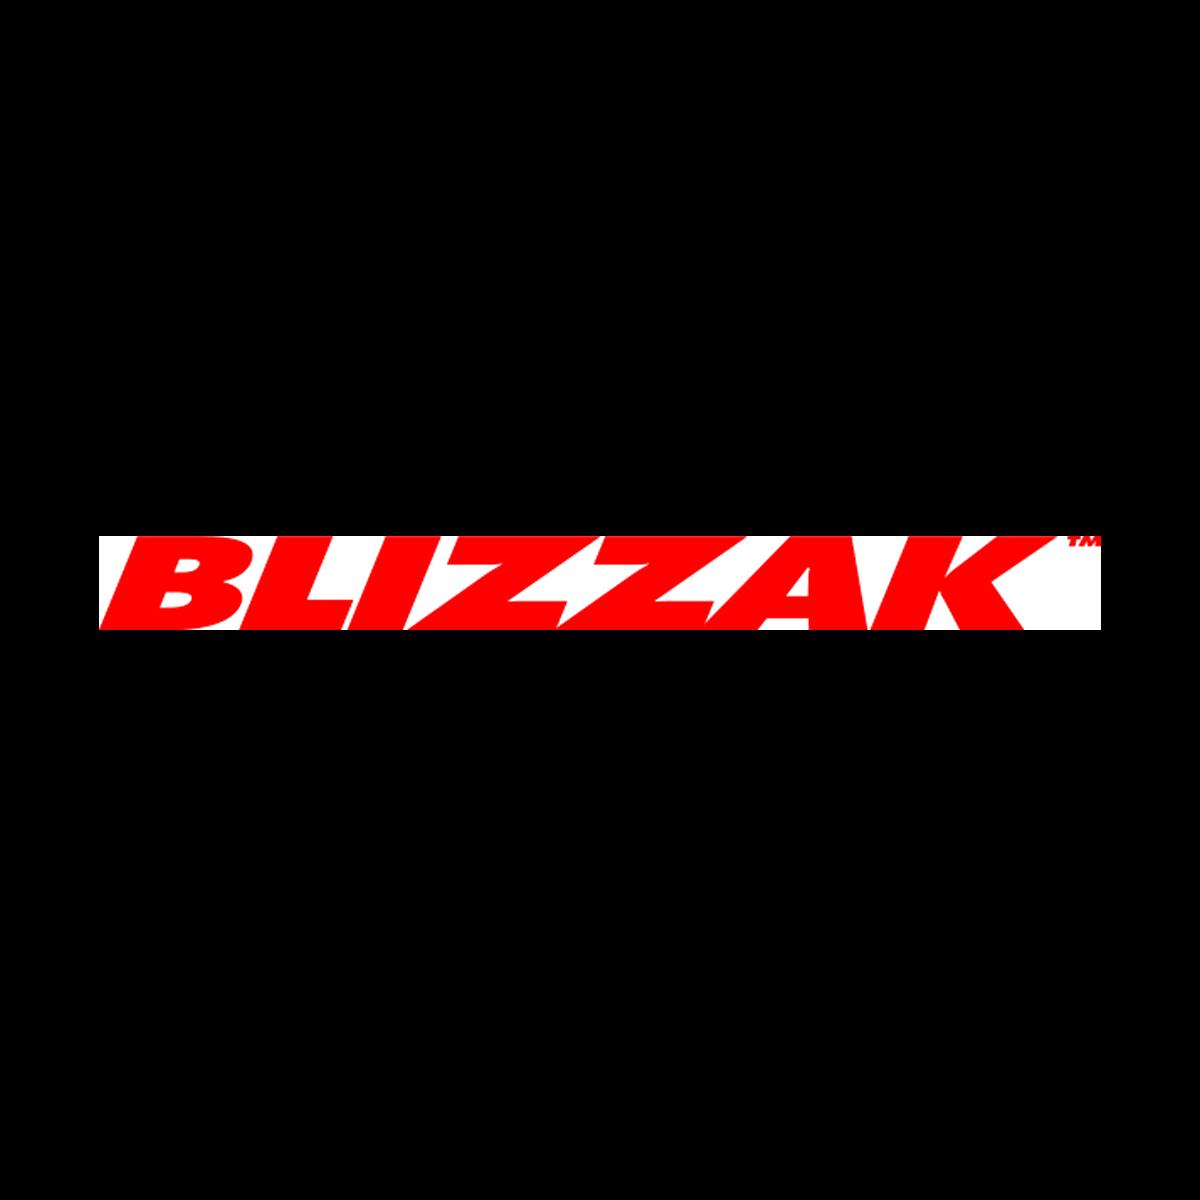 Logo_Blizzak02